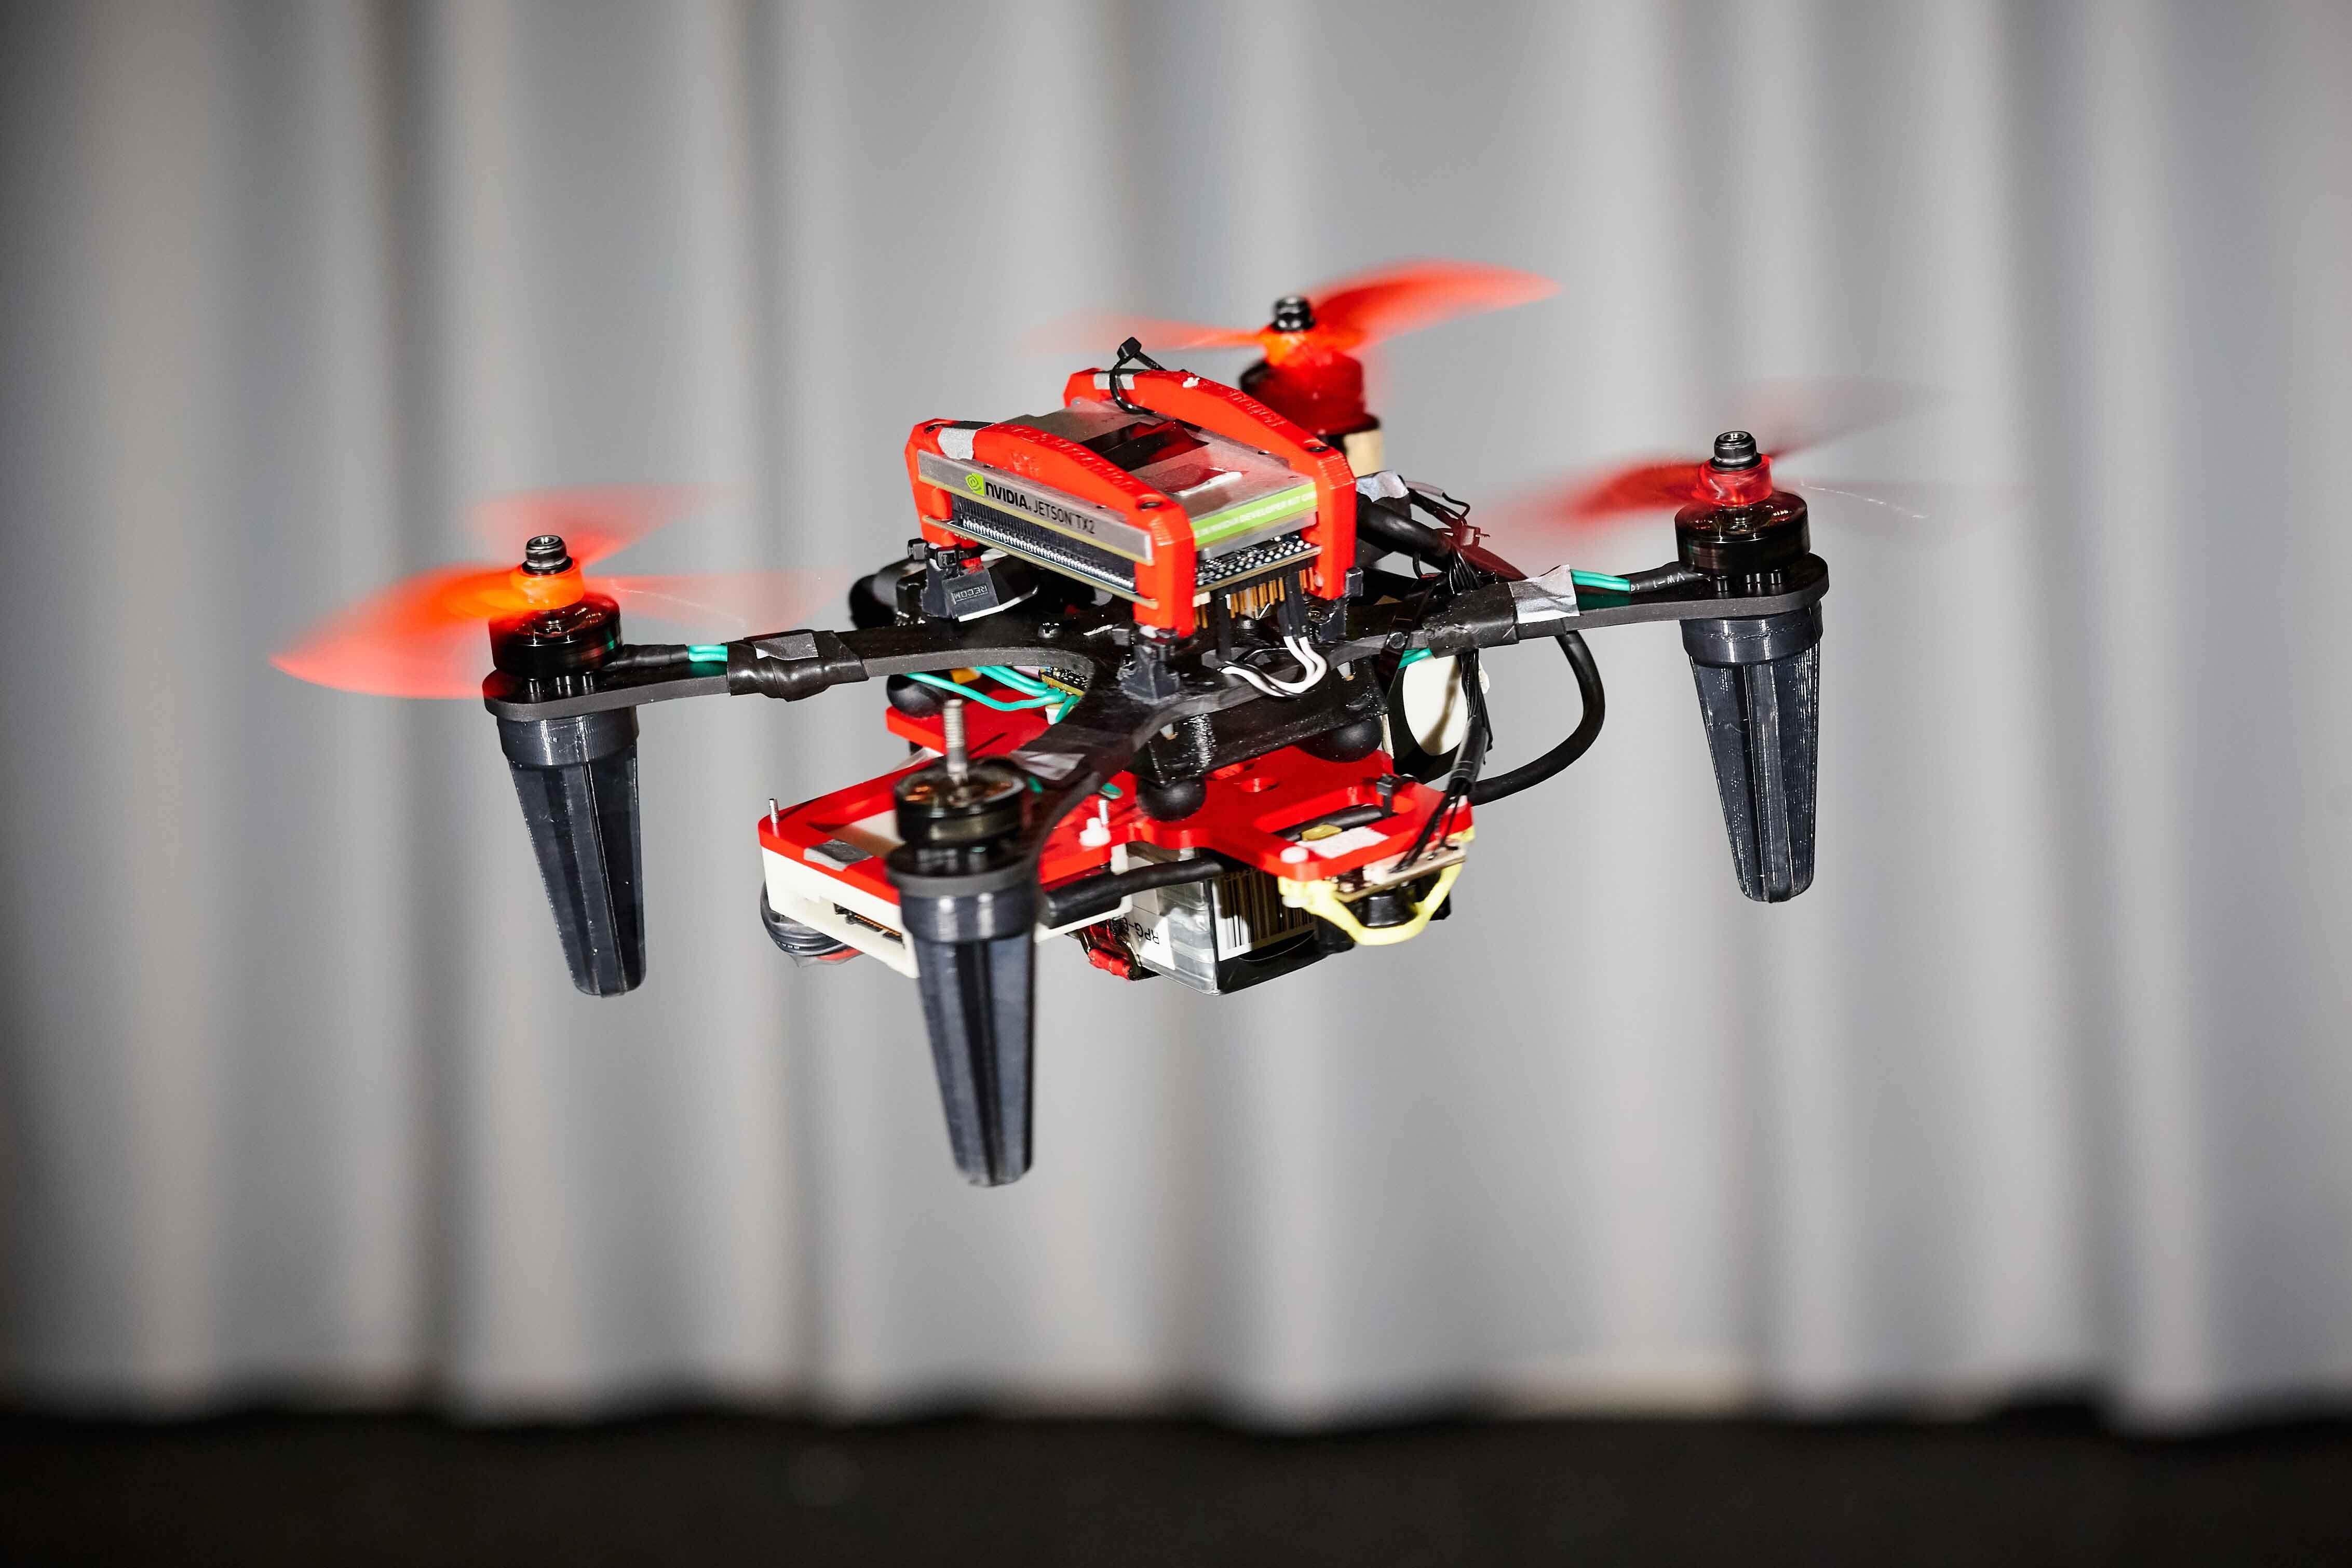 Drohne mit vier Rotoren